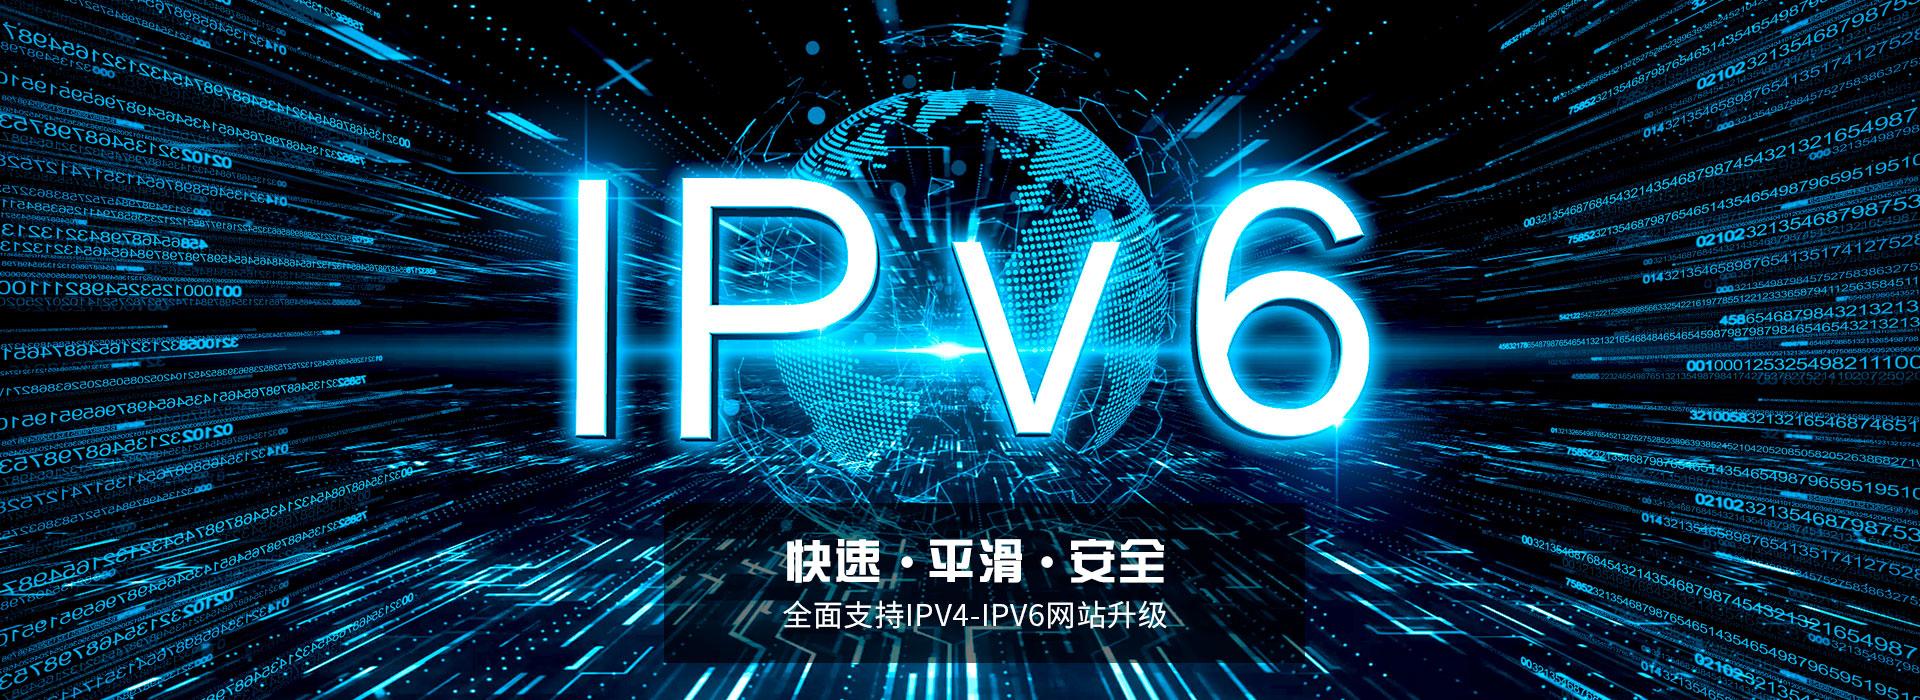 武汉网站升级改版